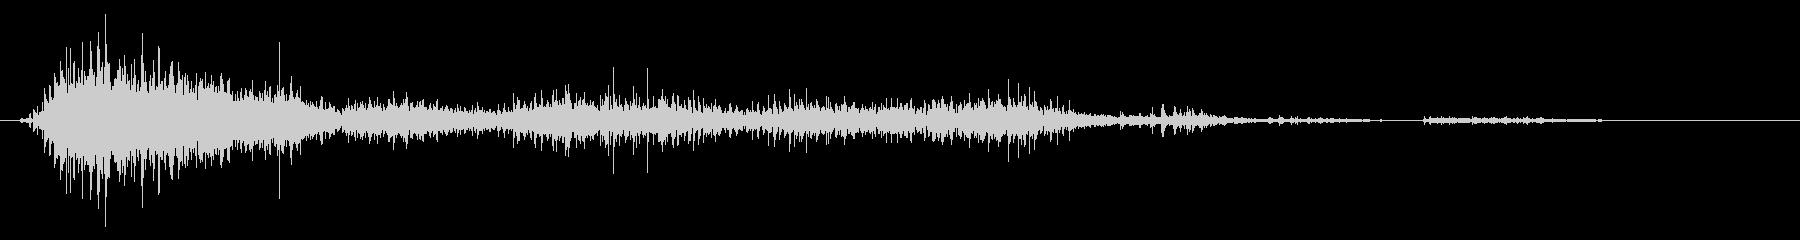 ゾンビやモンスターの叫び声/唸り声21!の未再生の波形